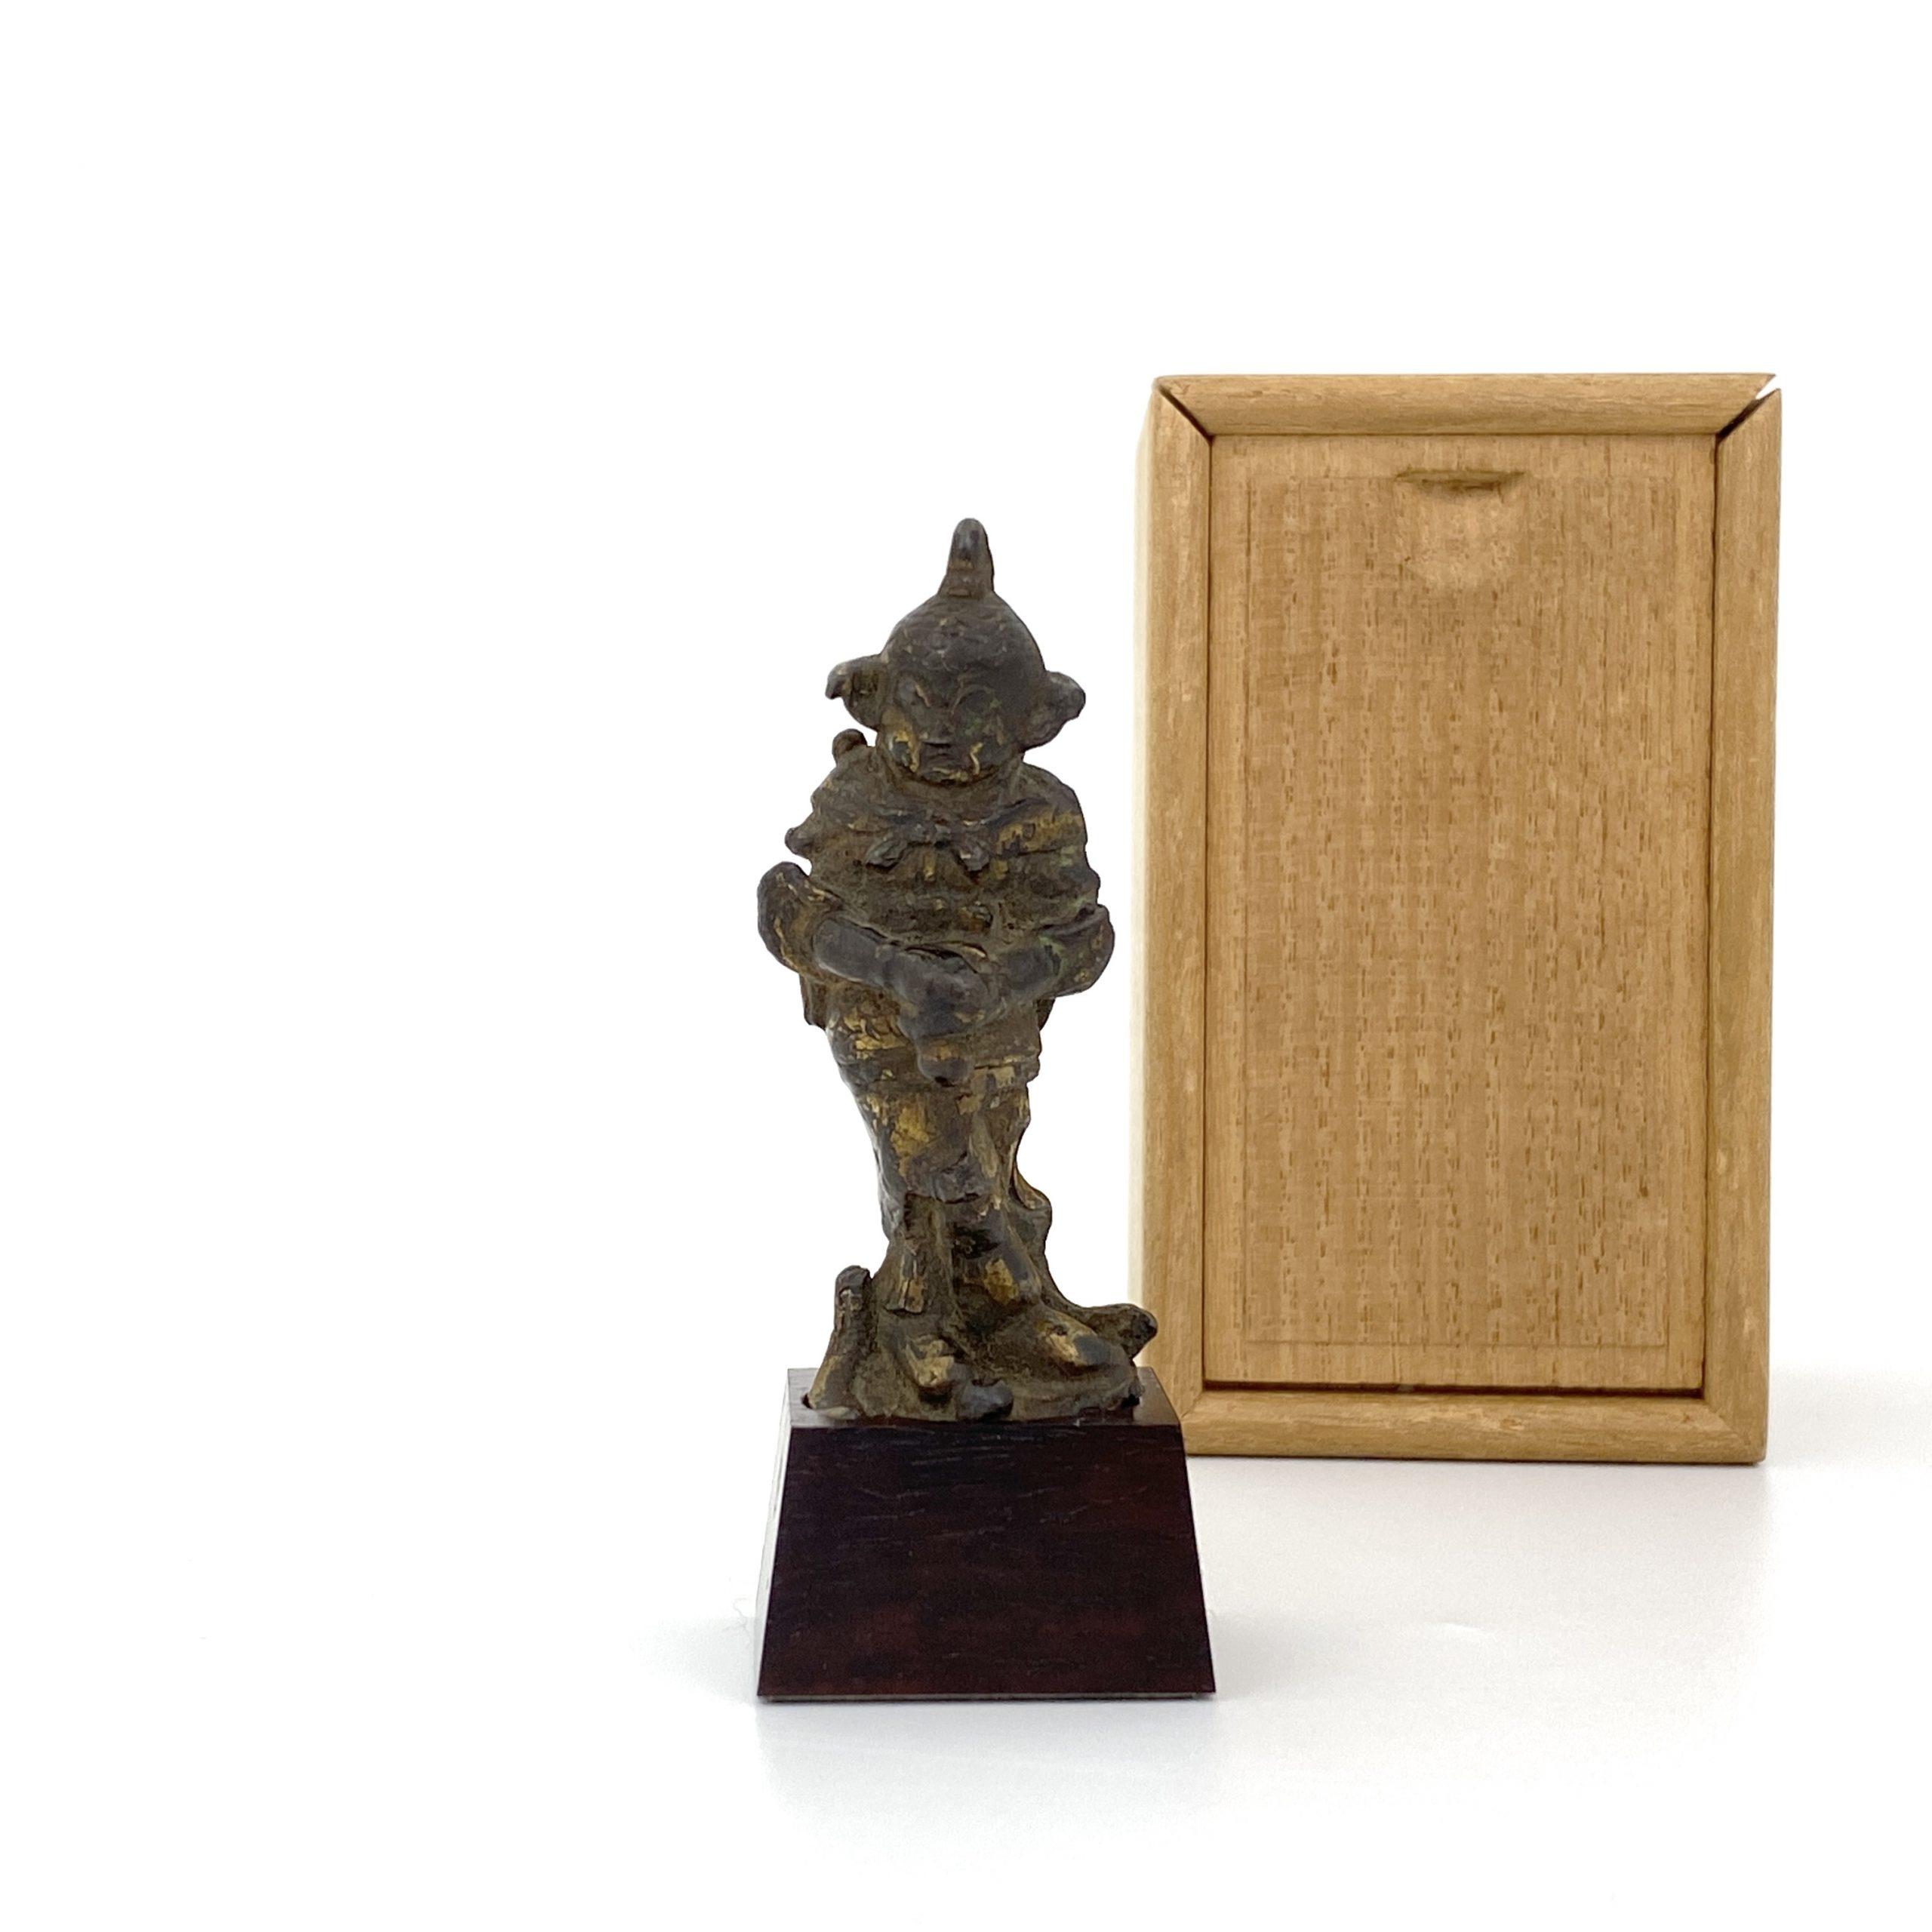 21699唐或以前 青銅鎏金 武人立像 同一収蔵家 第17回網頁掲載品